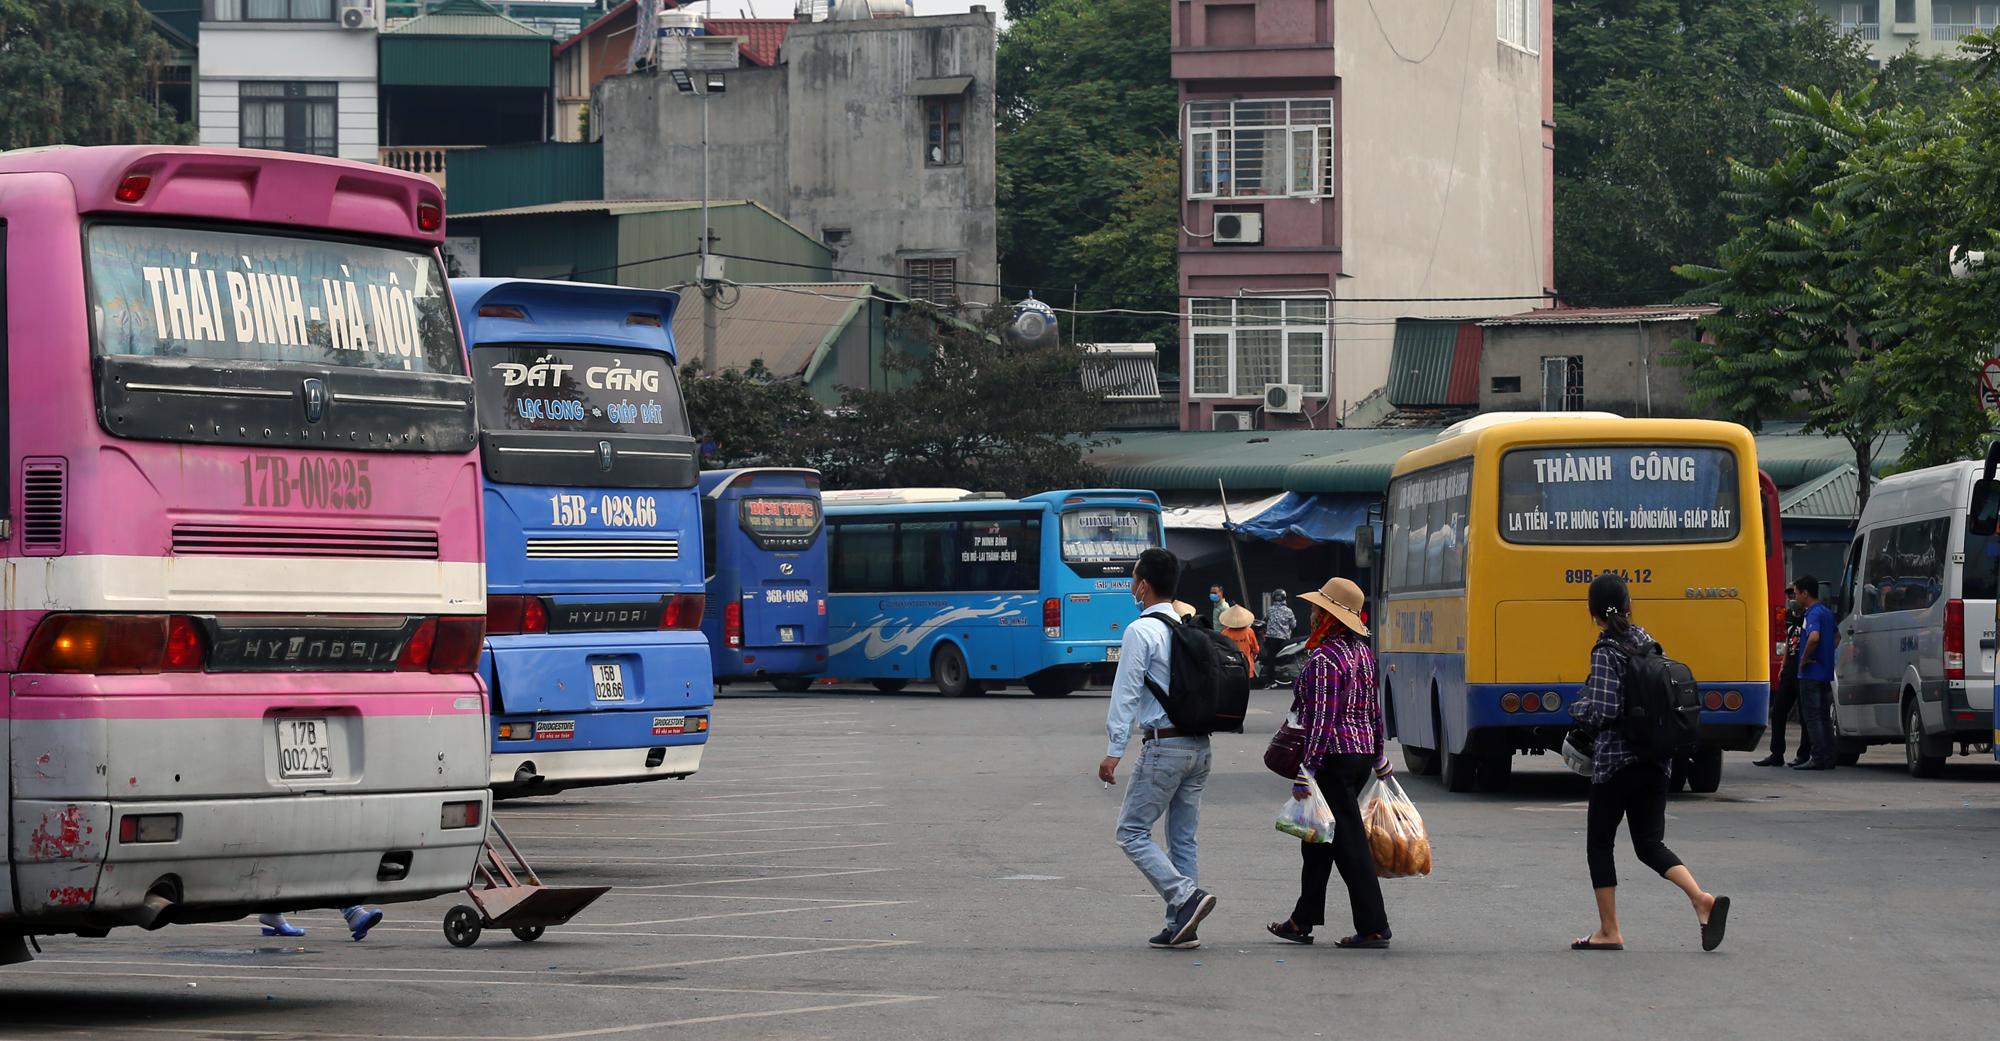 Vận tải khách trở lại bình thường, bến xe ở Hà Nội vẫn vắng vẻ - Ảnh 7.